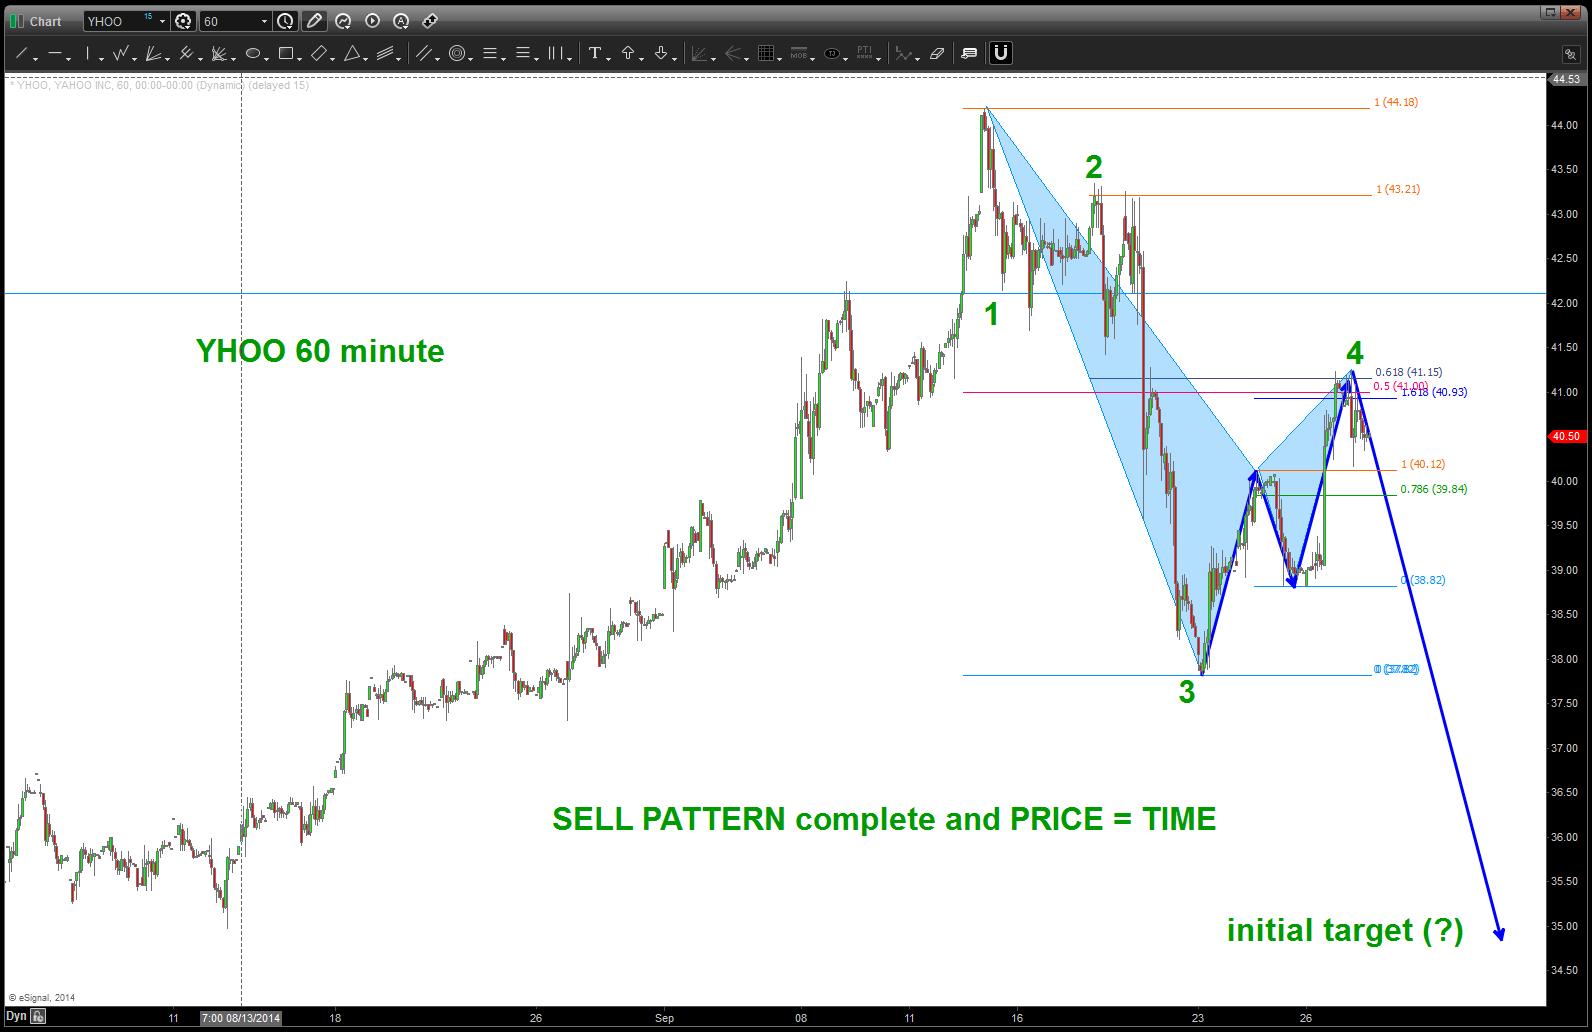 Pattern hits price